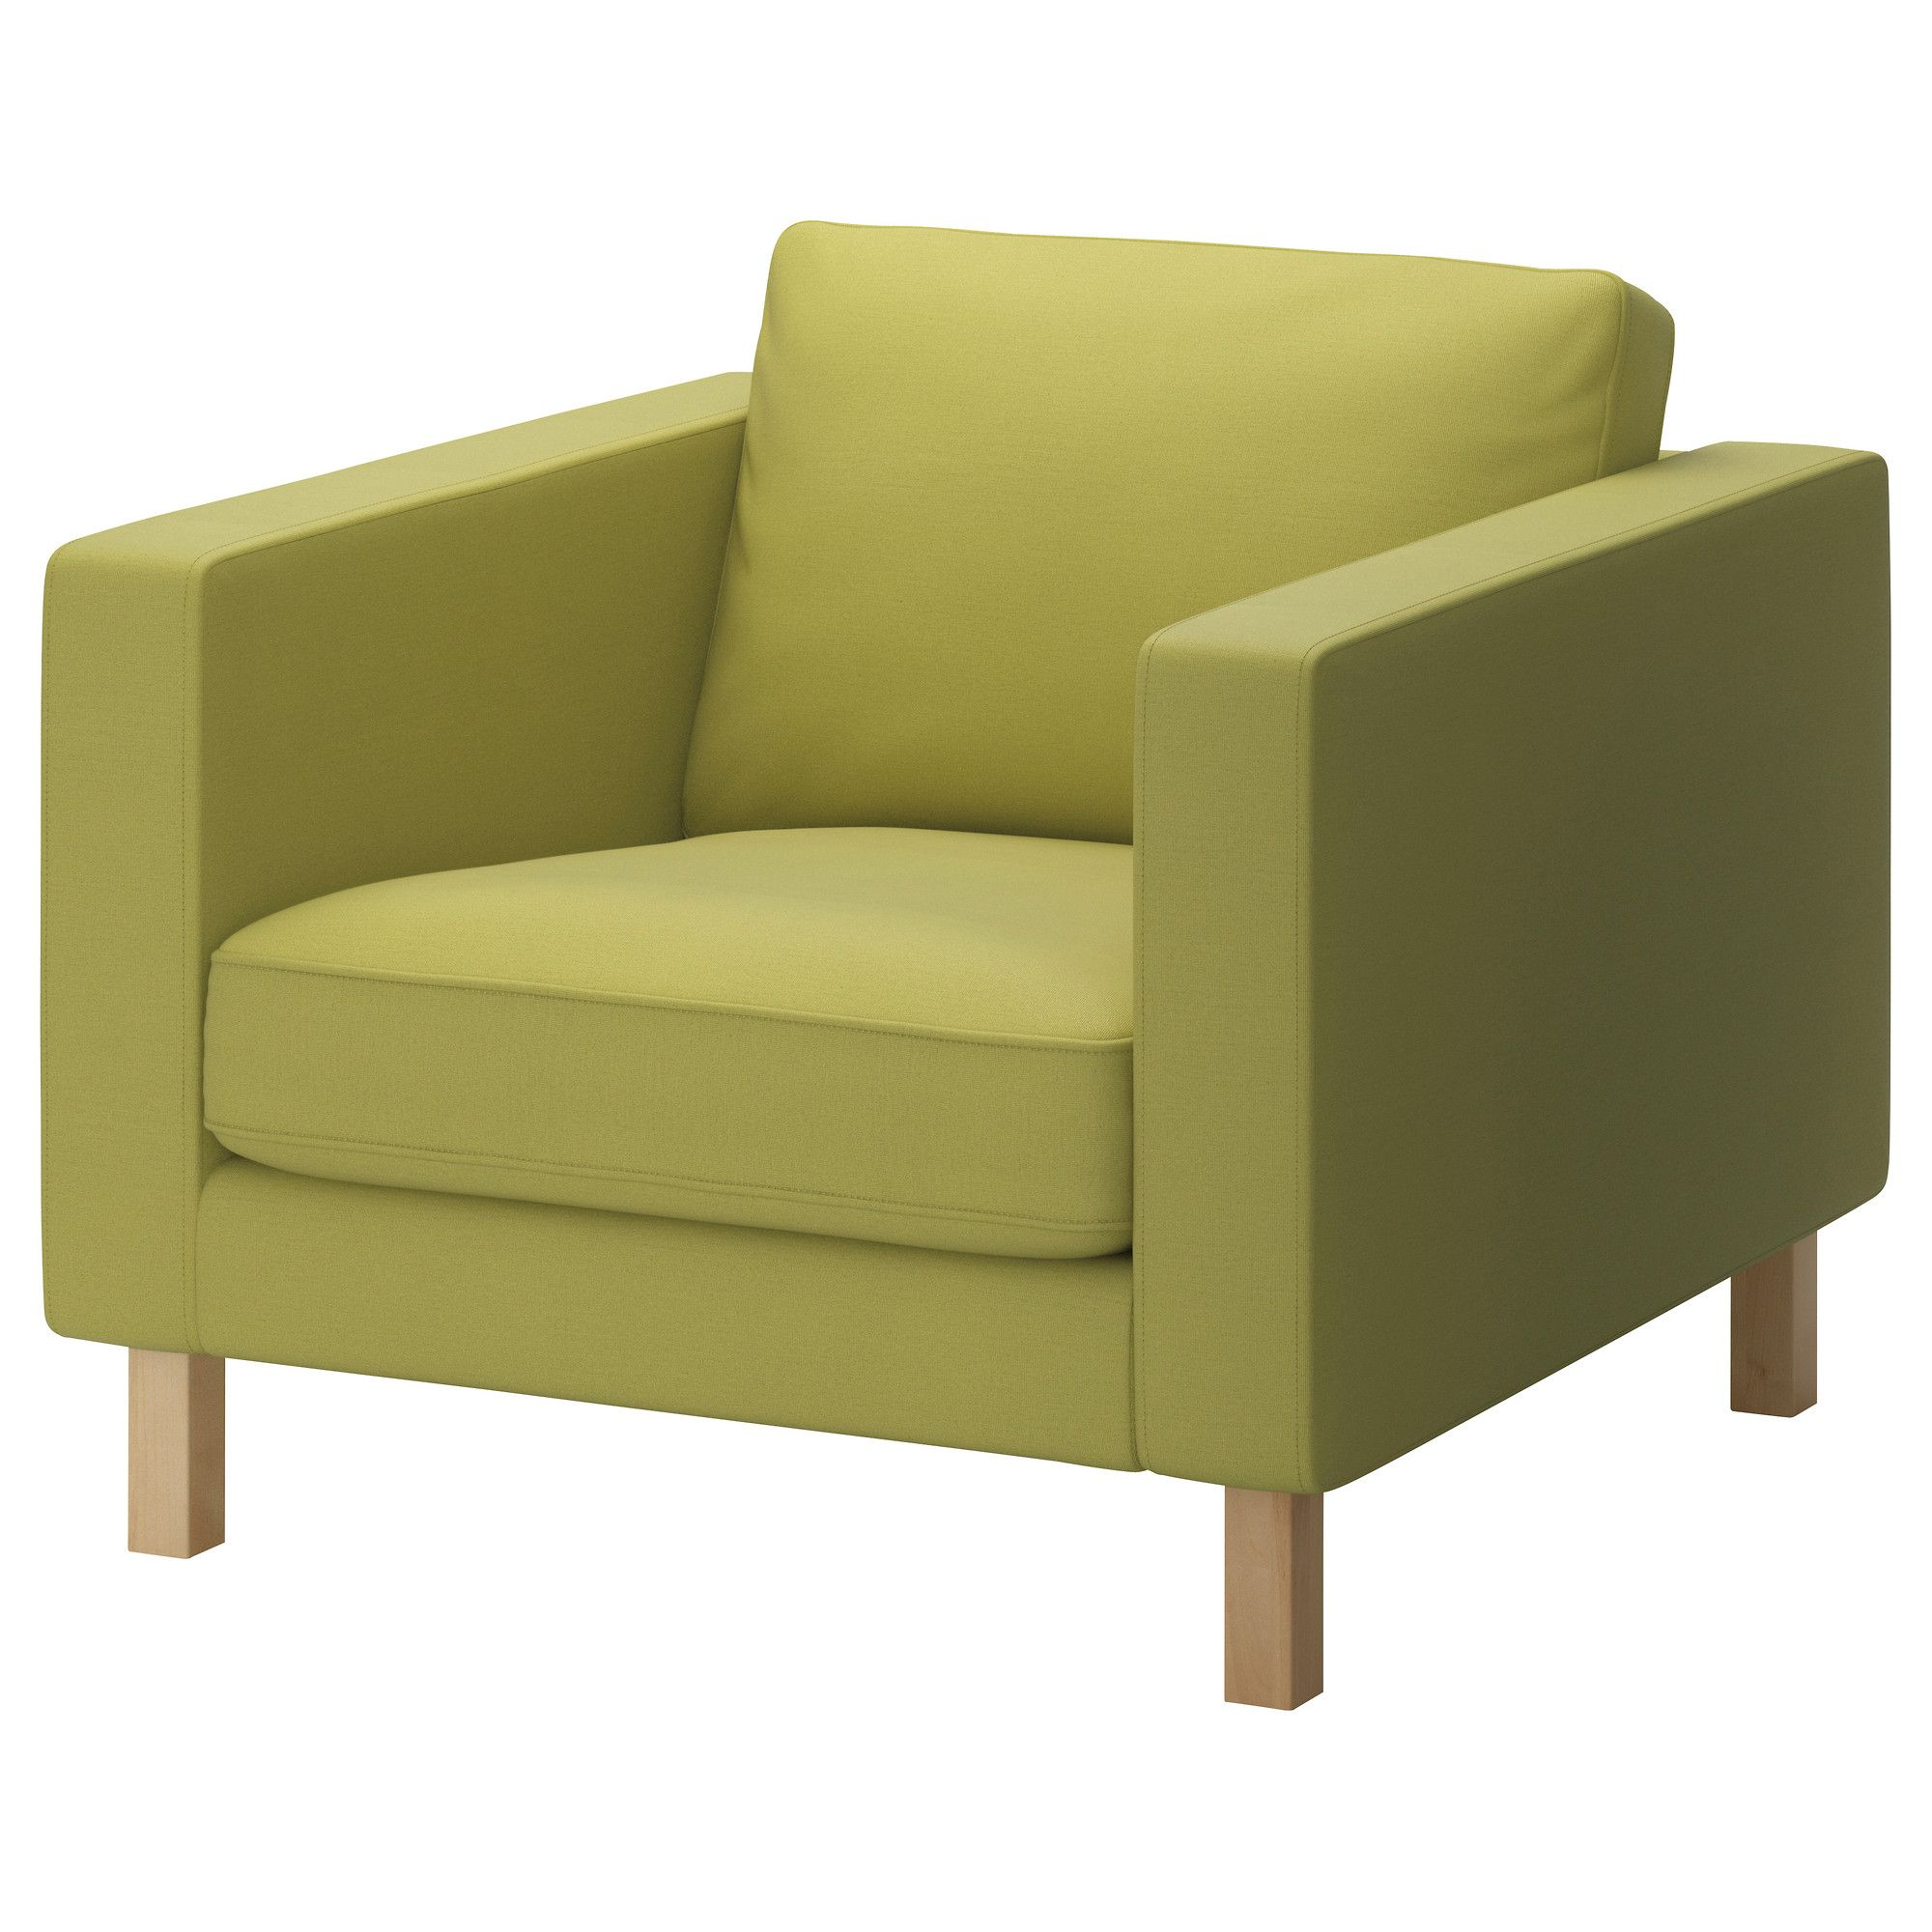 Mobel Einrichtungsideen Fur Dein Zuhause All Things Green Grun